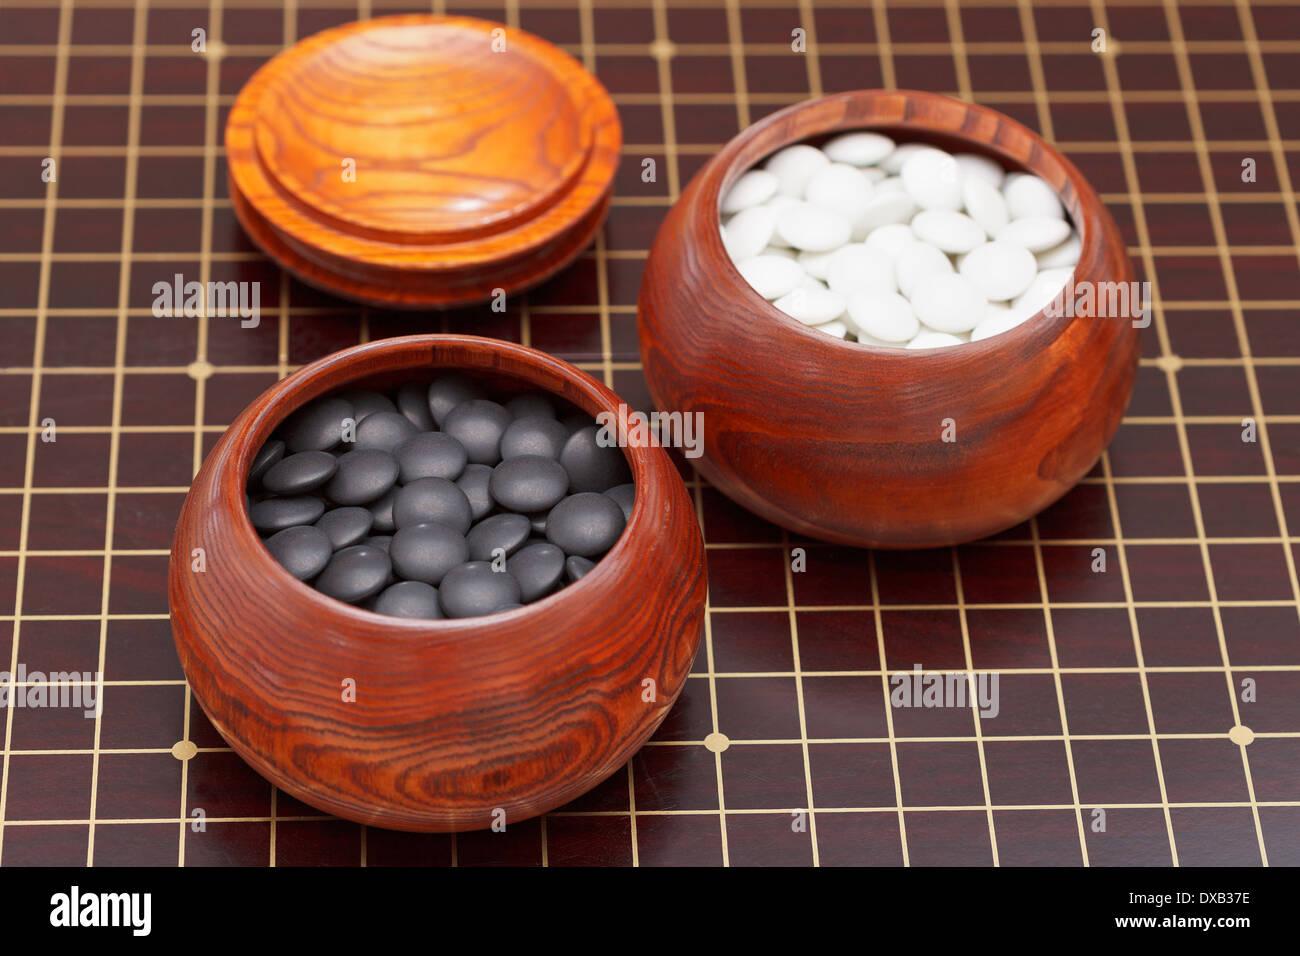 buy online 44a6b 2ba69 Bianco e nero gioco go pietre in ciotola di legno Foto ...